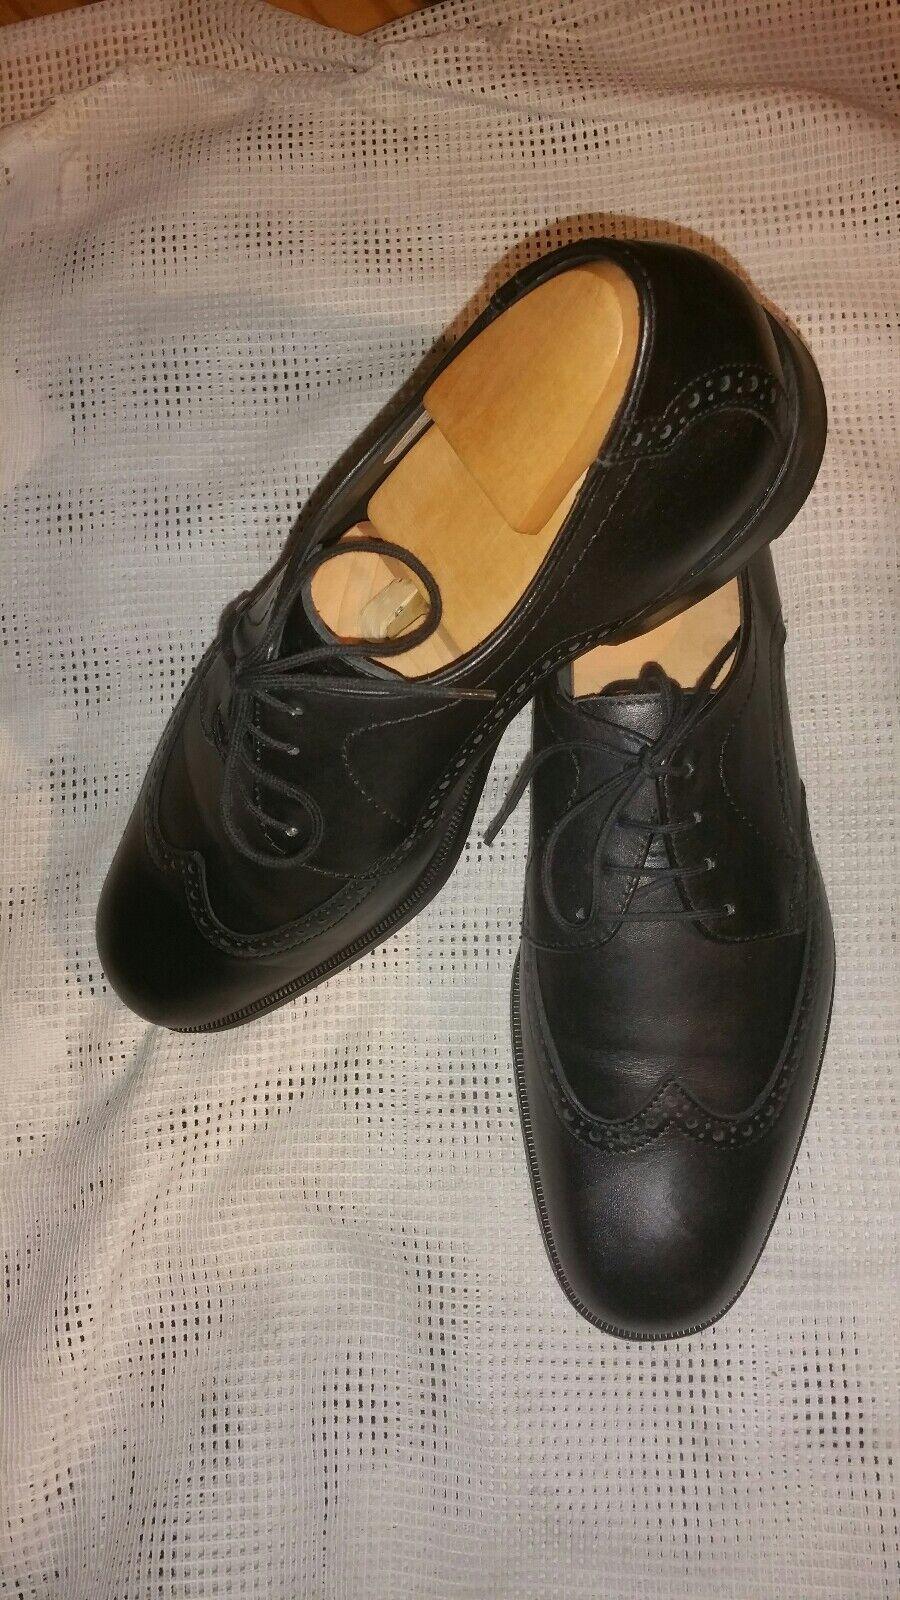 Top Herrenschuhe von LLOYD Schuhe Schwarz Gr.42 Neuwertig